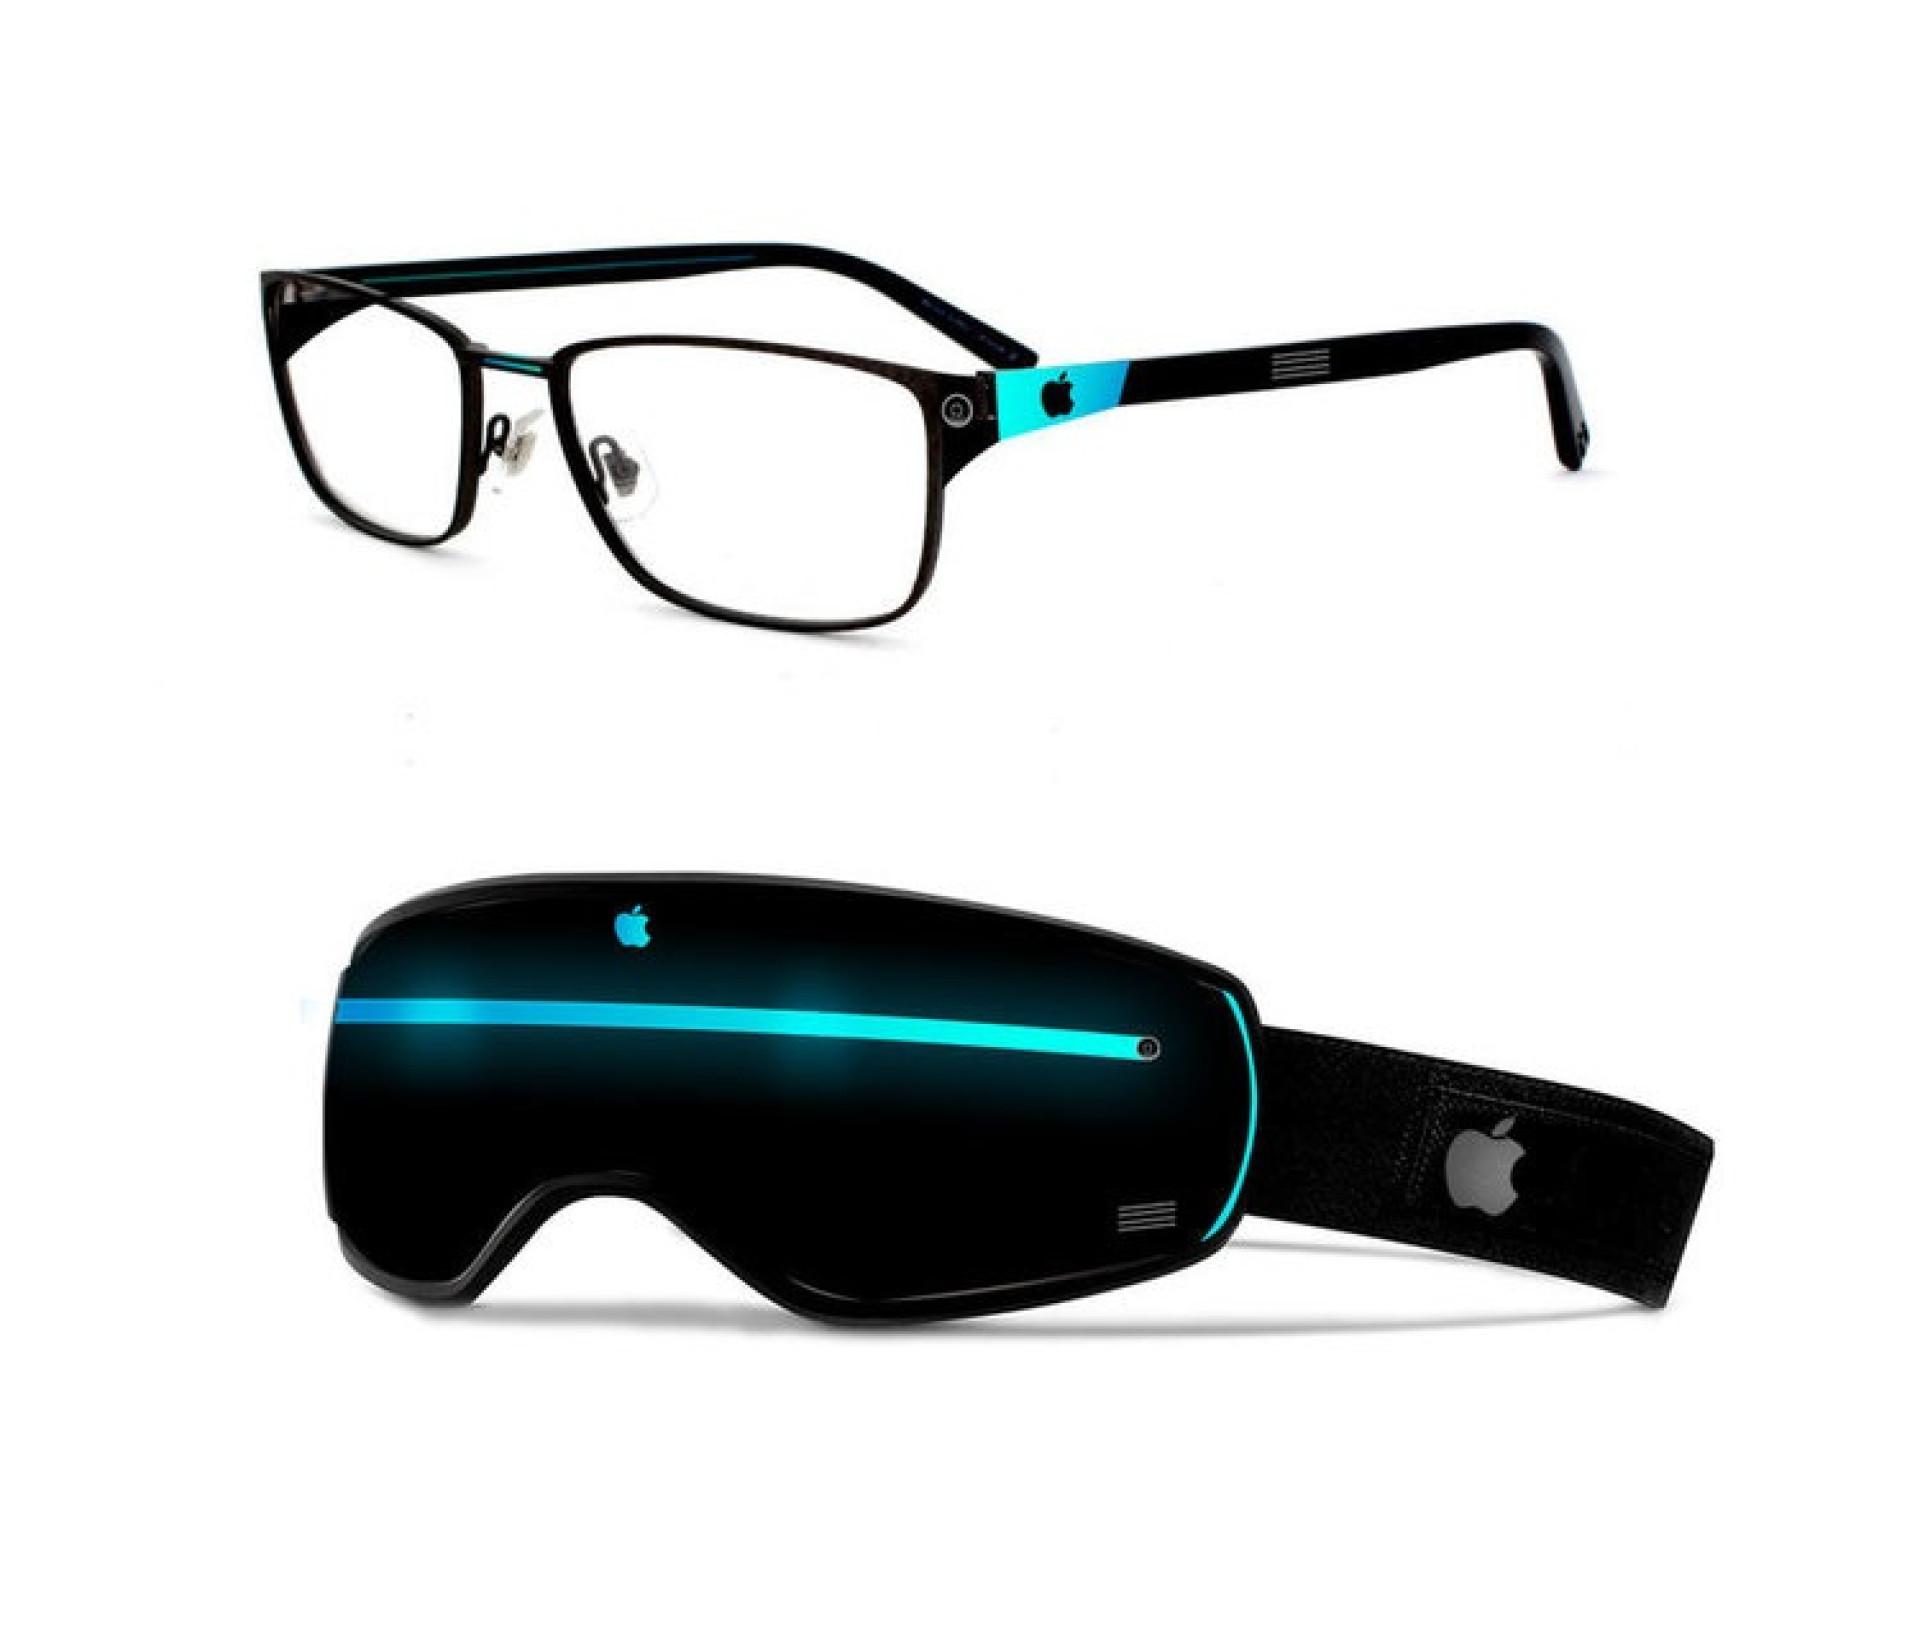 Apple pode apostar em óculos inteligentes. Veja algumas das hipóteses